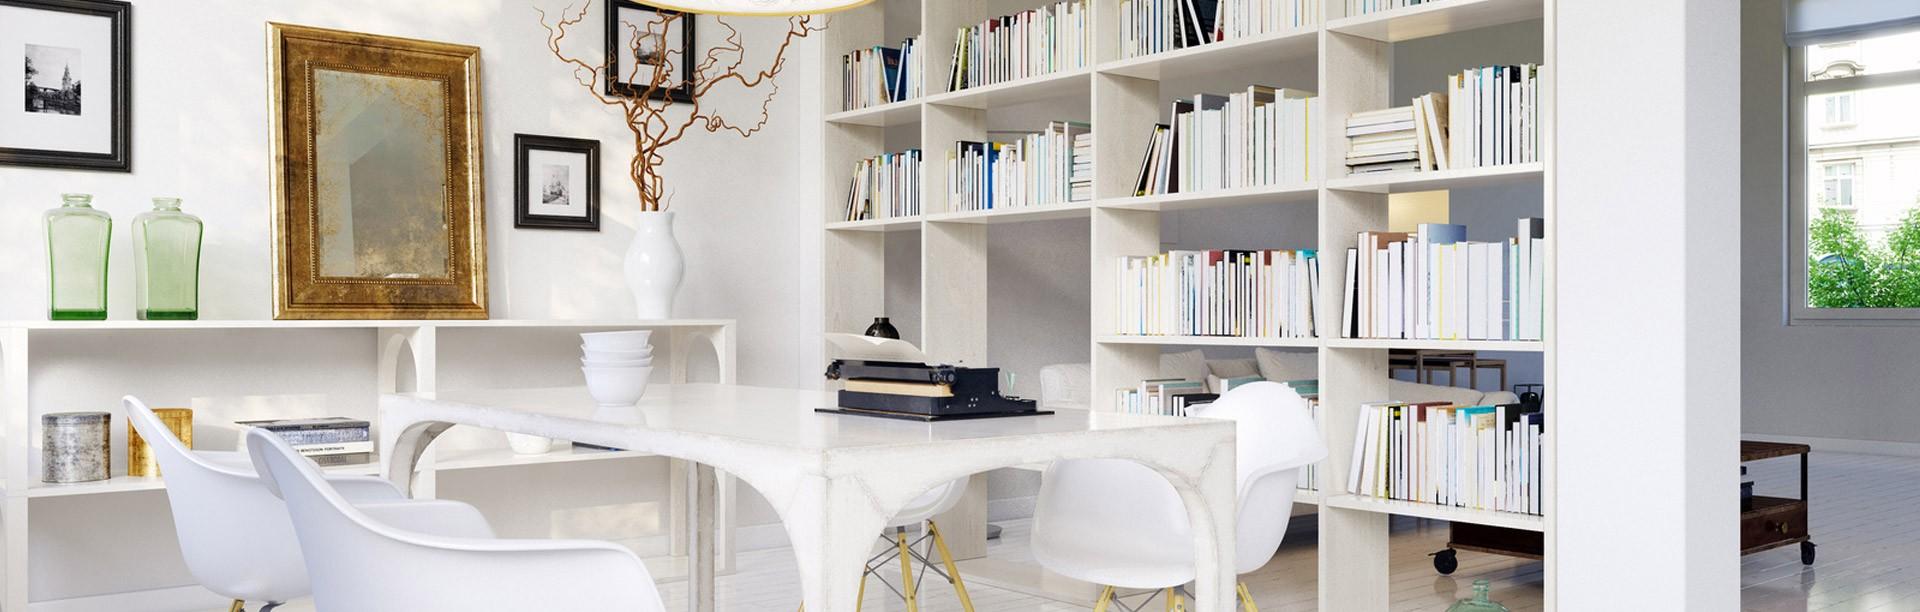 Regal nach Maß für Ihr Wohnzimmer planen | schrankwerk.de